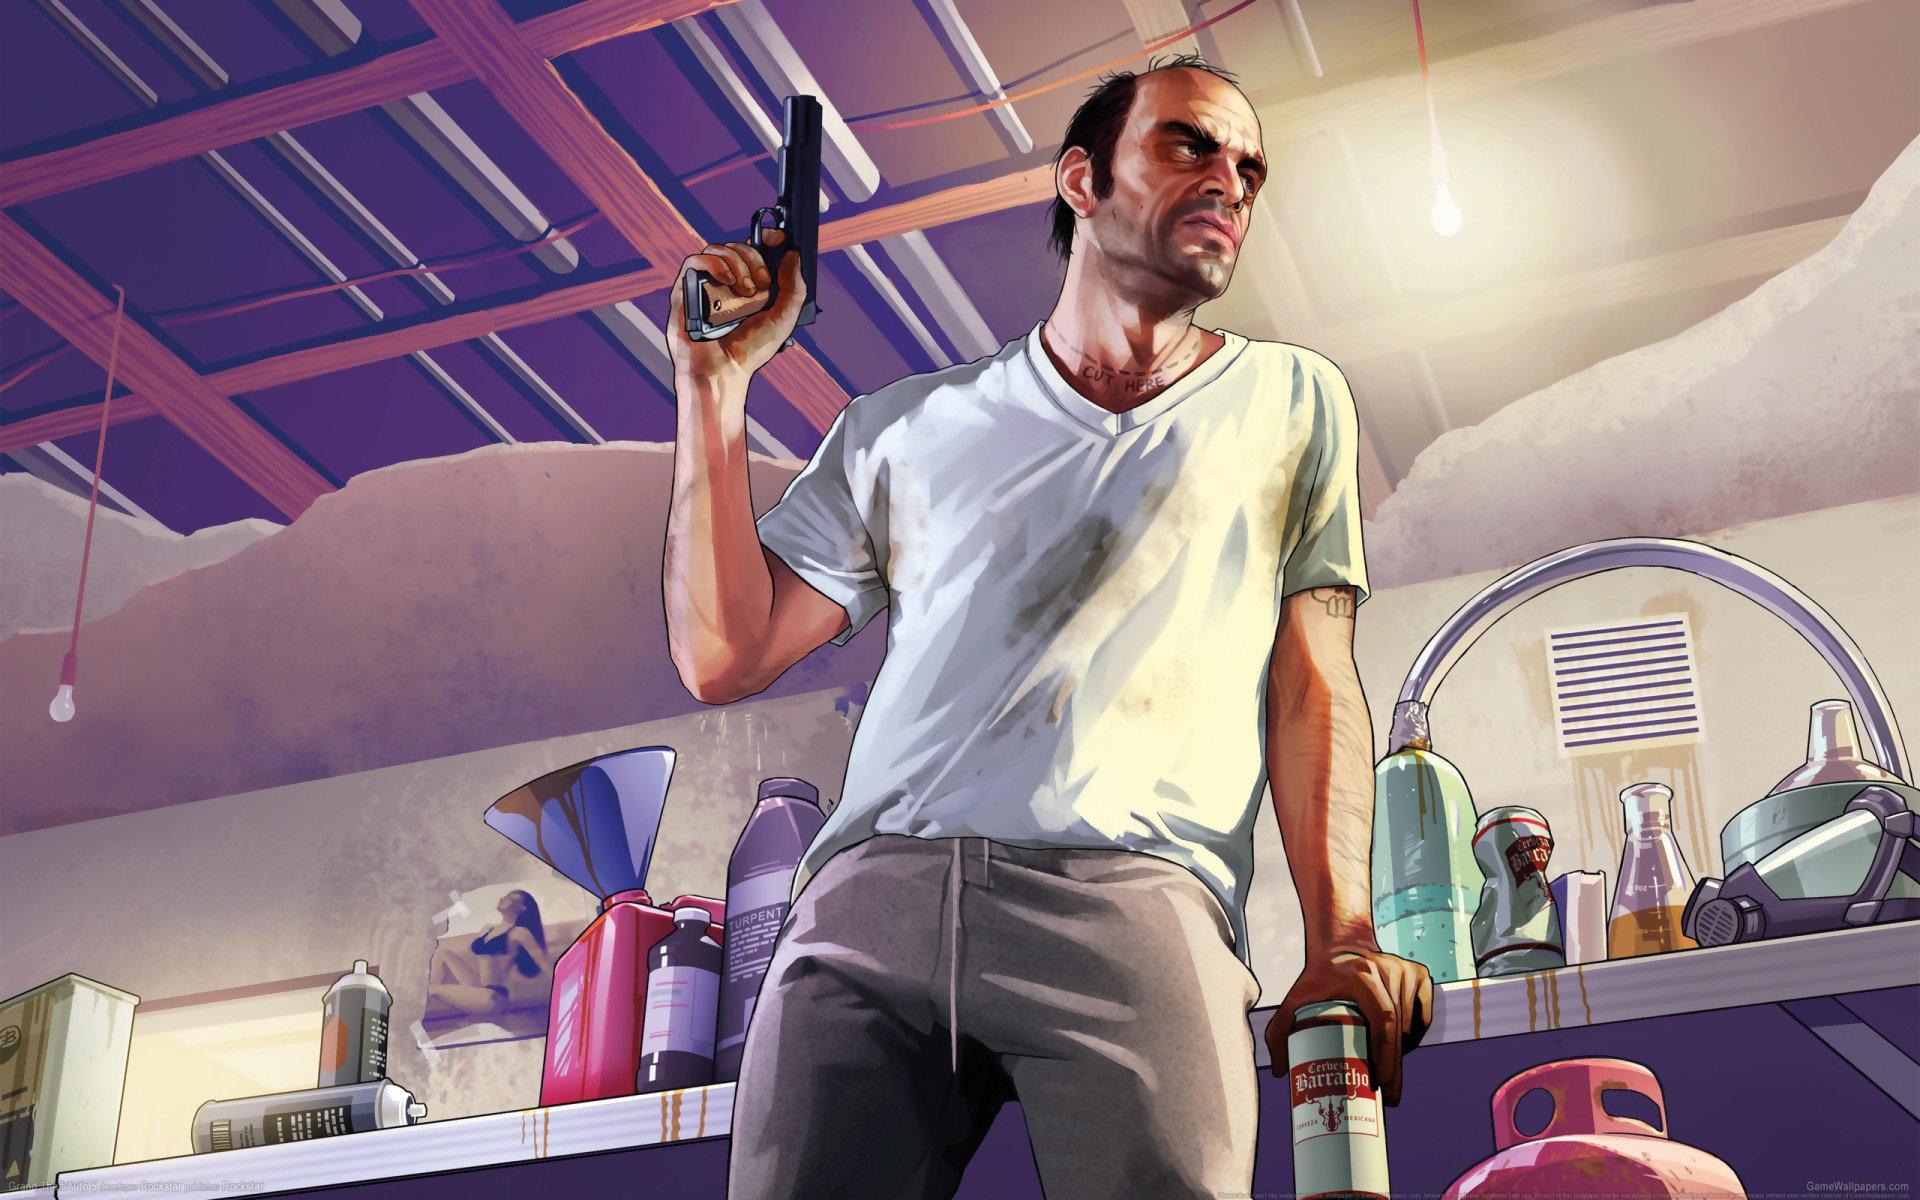 Gta 5 Wallpaper Hd - Grand Theft Auto V Artwork , HD Wallpaper & Backgrounds